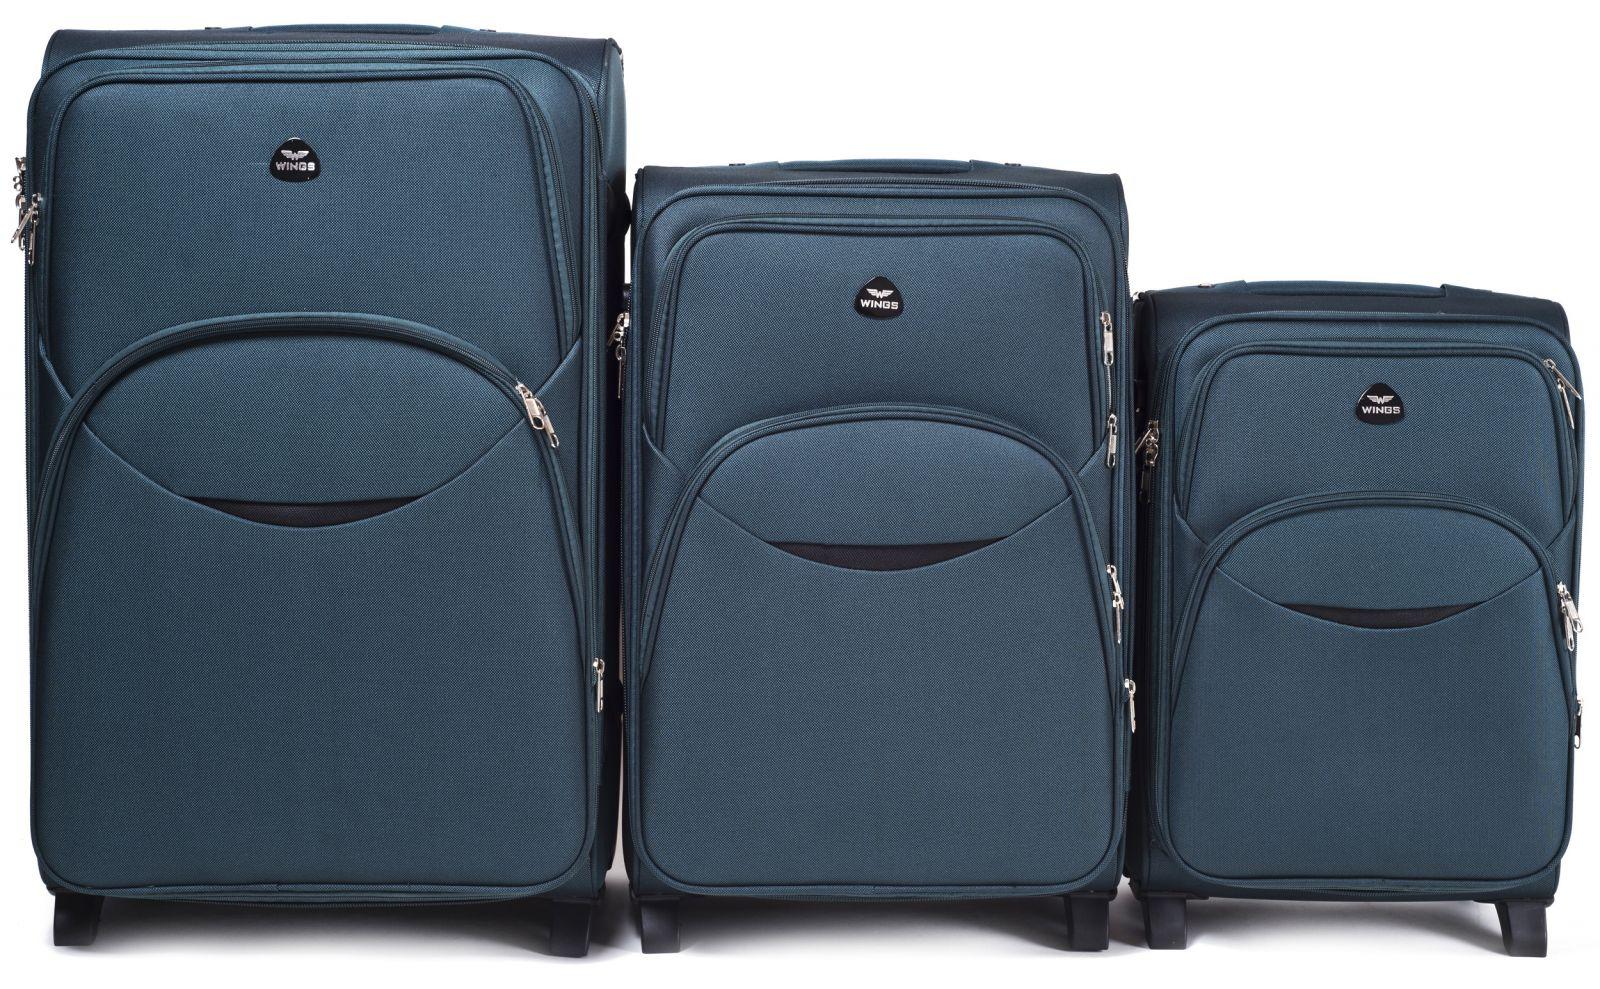 Sada 3 textilních kufrů WINGS 1708 DOUBLE GREEN L/M/S E-batoh